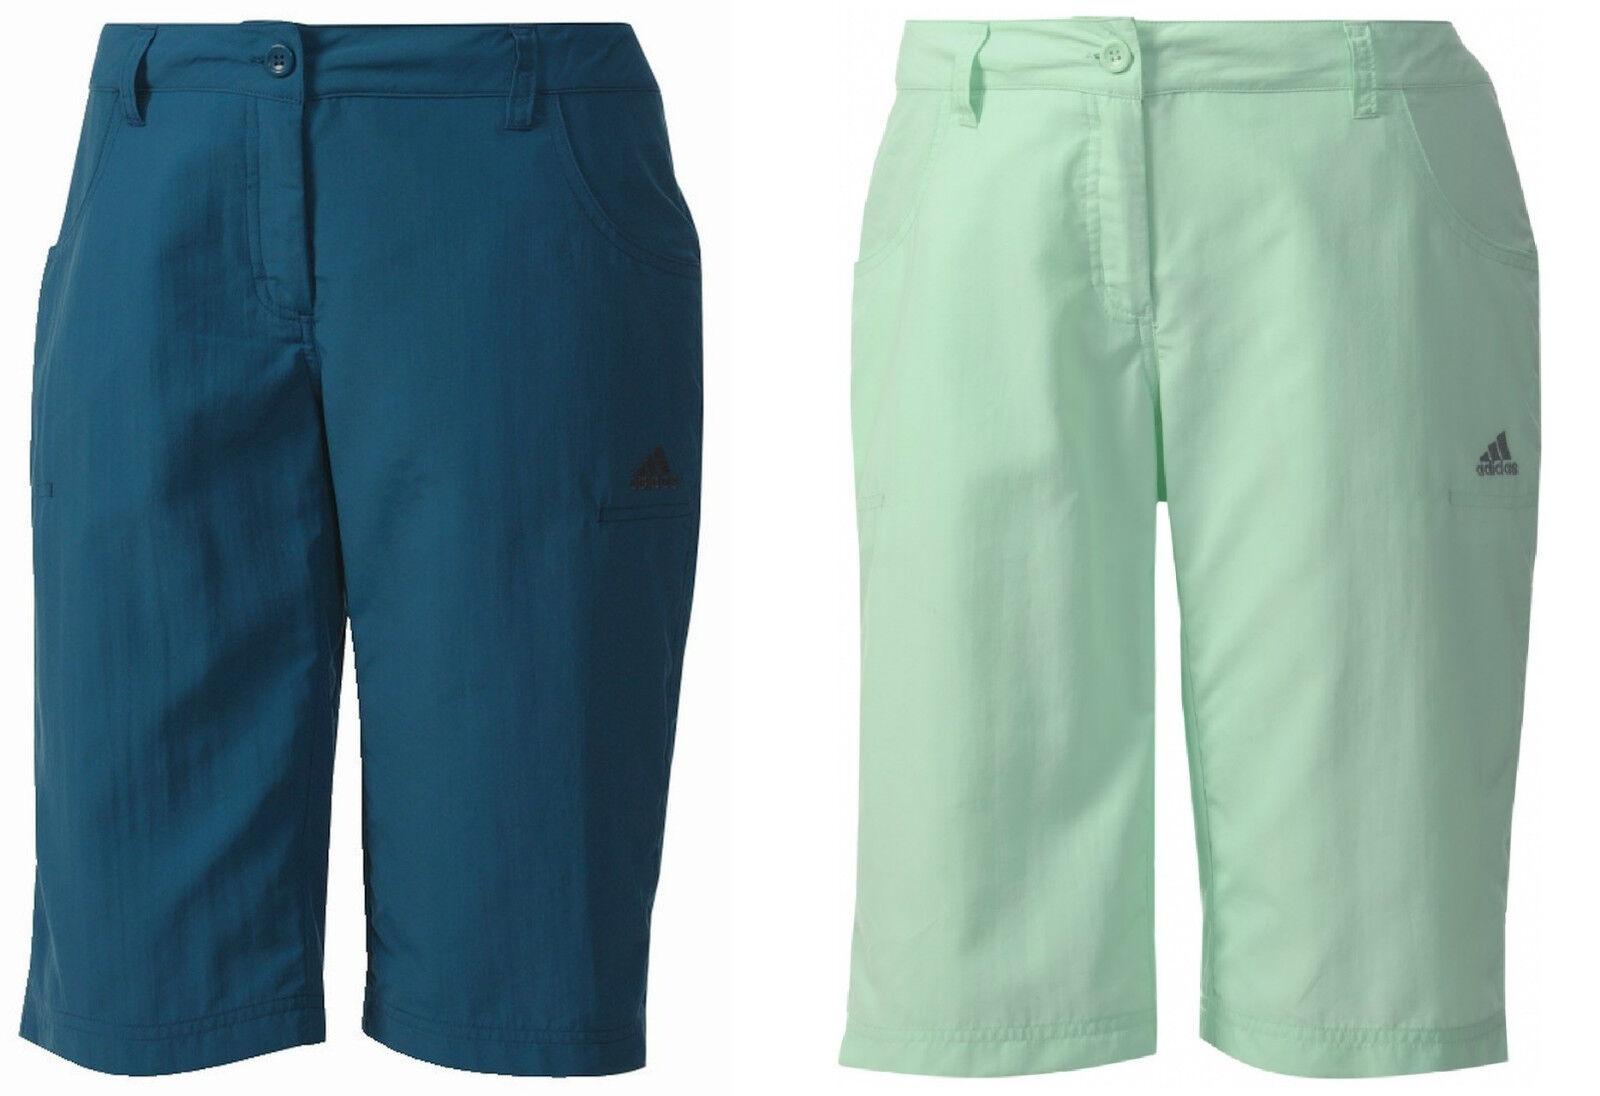 Adidas Damen HT Shorts Shorts Shorts leicht UV-Schutz angenehm Größen 34-46  59 95 hier b91968